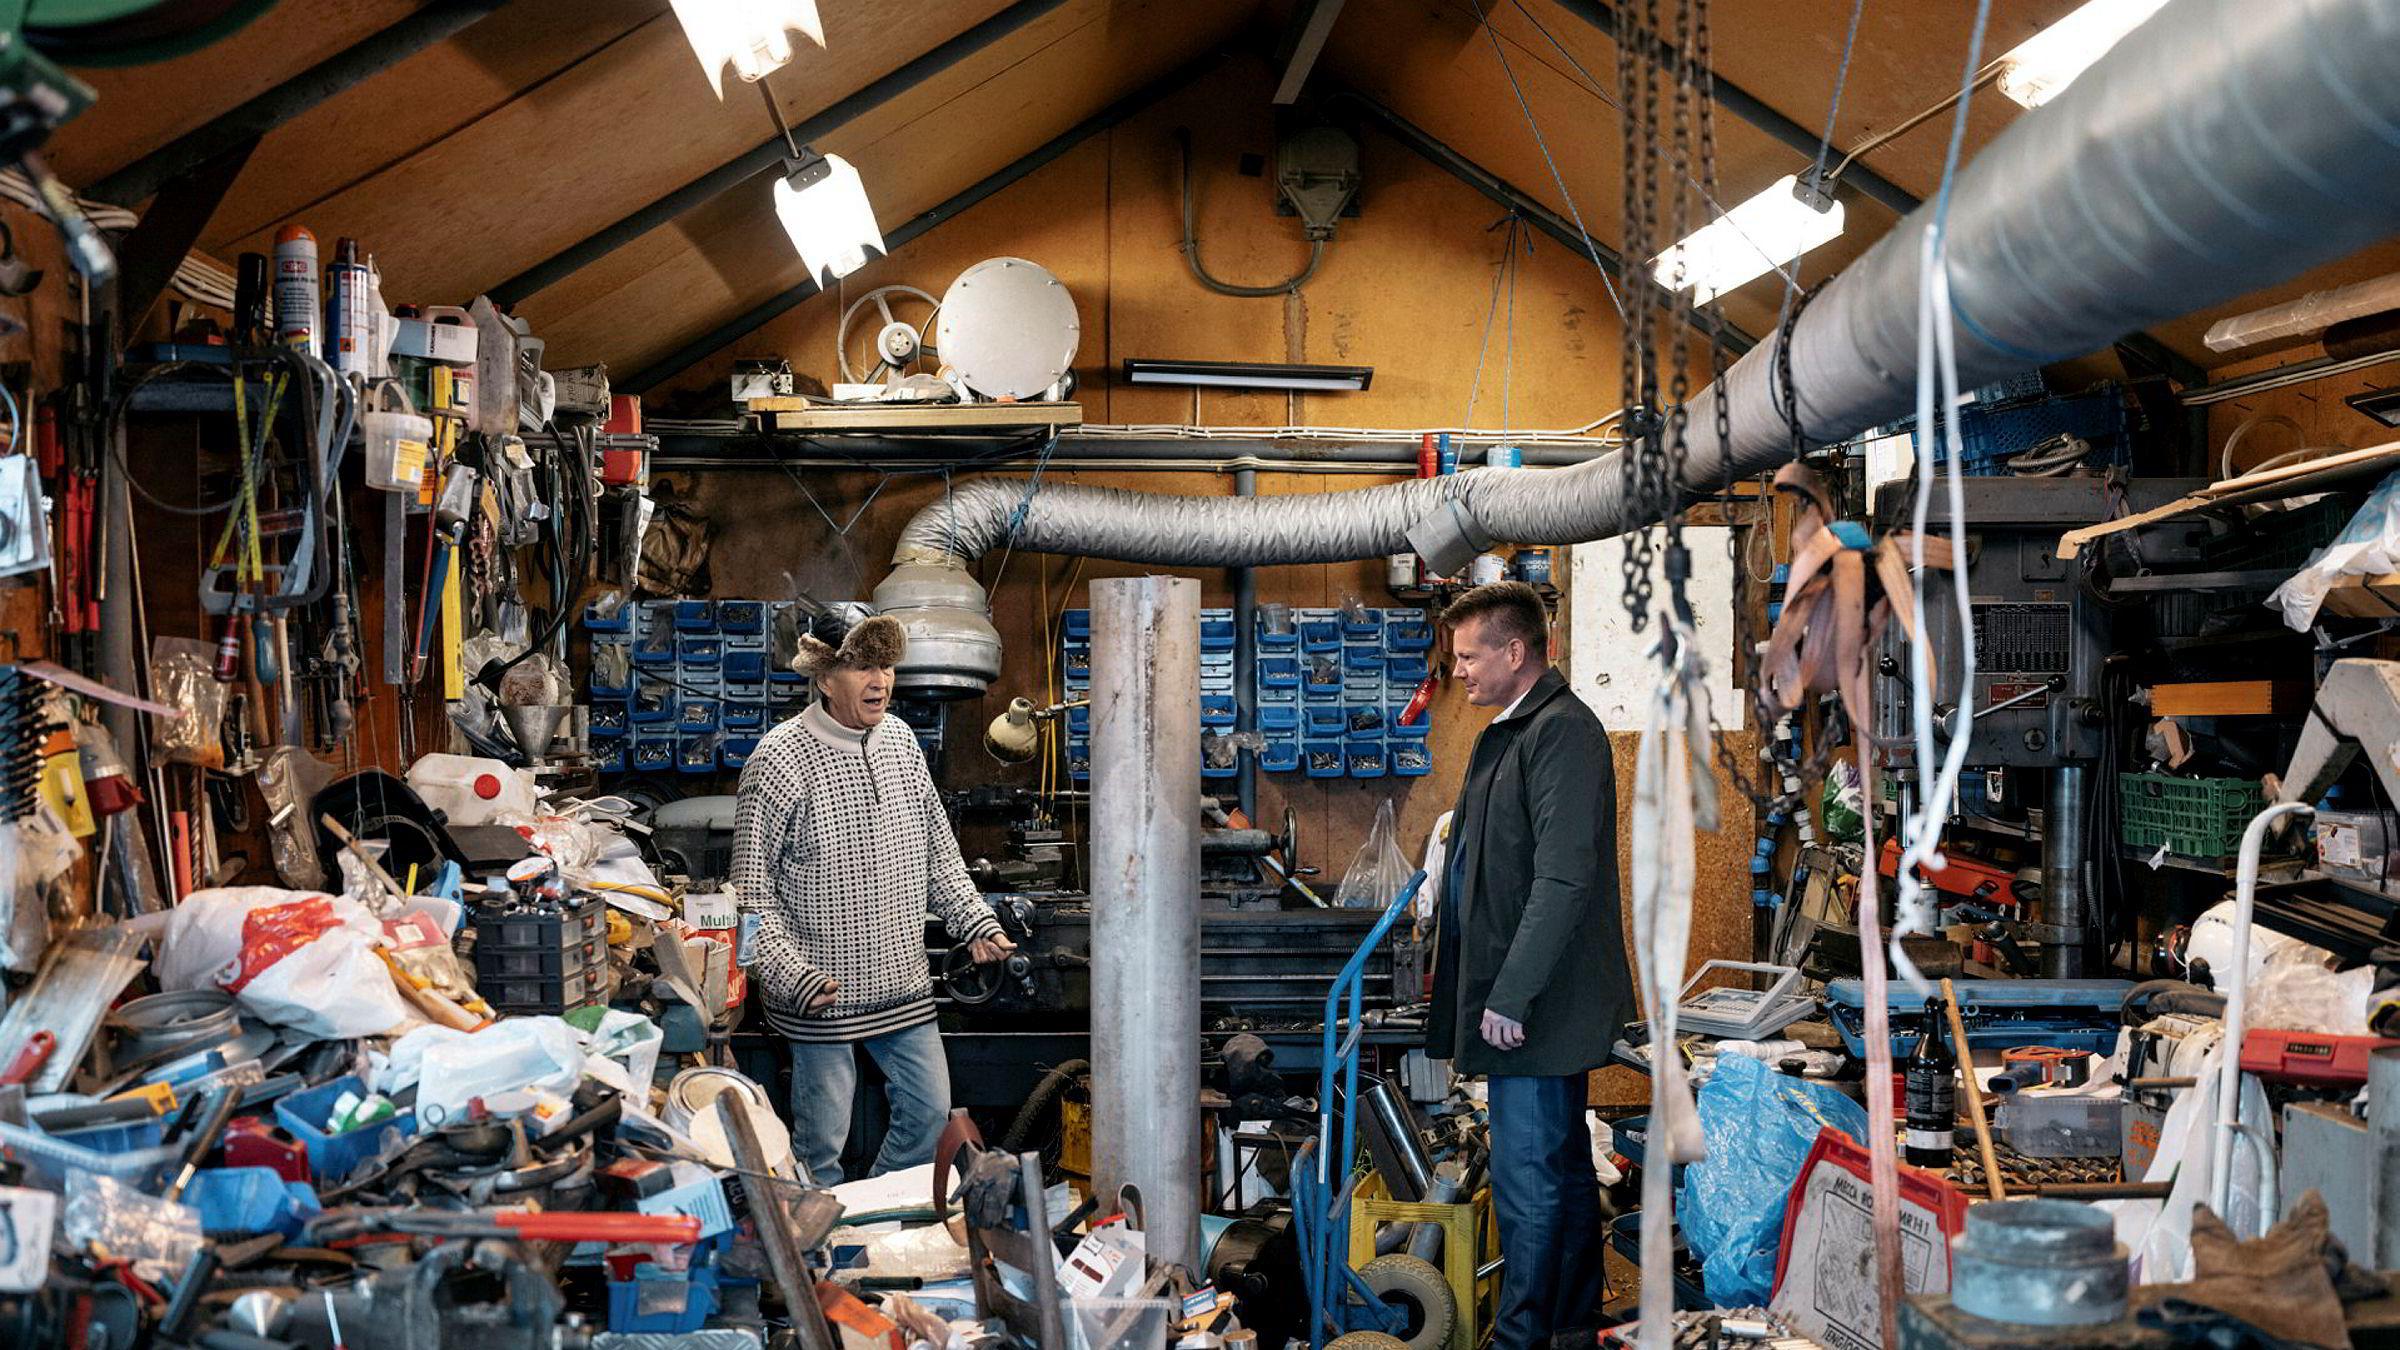 Danske Kristian P. Olesen har brukt utallige timer i verkstedet sitt på Vassøy utenfor Stavanger. Nå får han lønn for strevet. Ole Kristian Sivertsen (til høyre), administrerende direktør i selskapet Desert Control, har fått ansvaret for å kommersialisere teknologien.